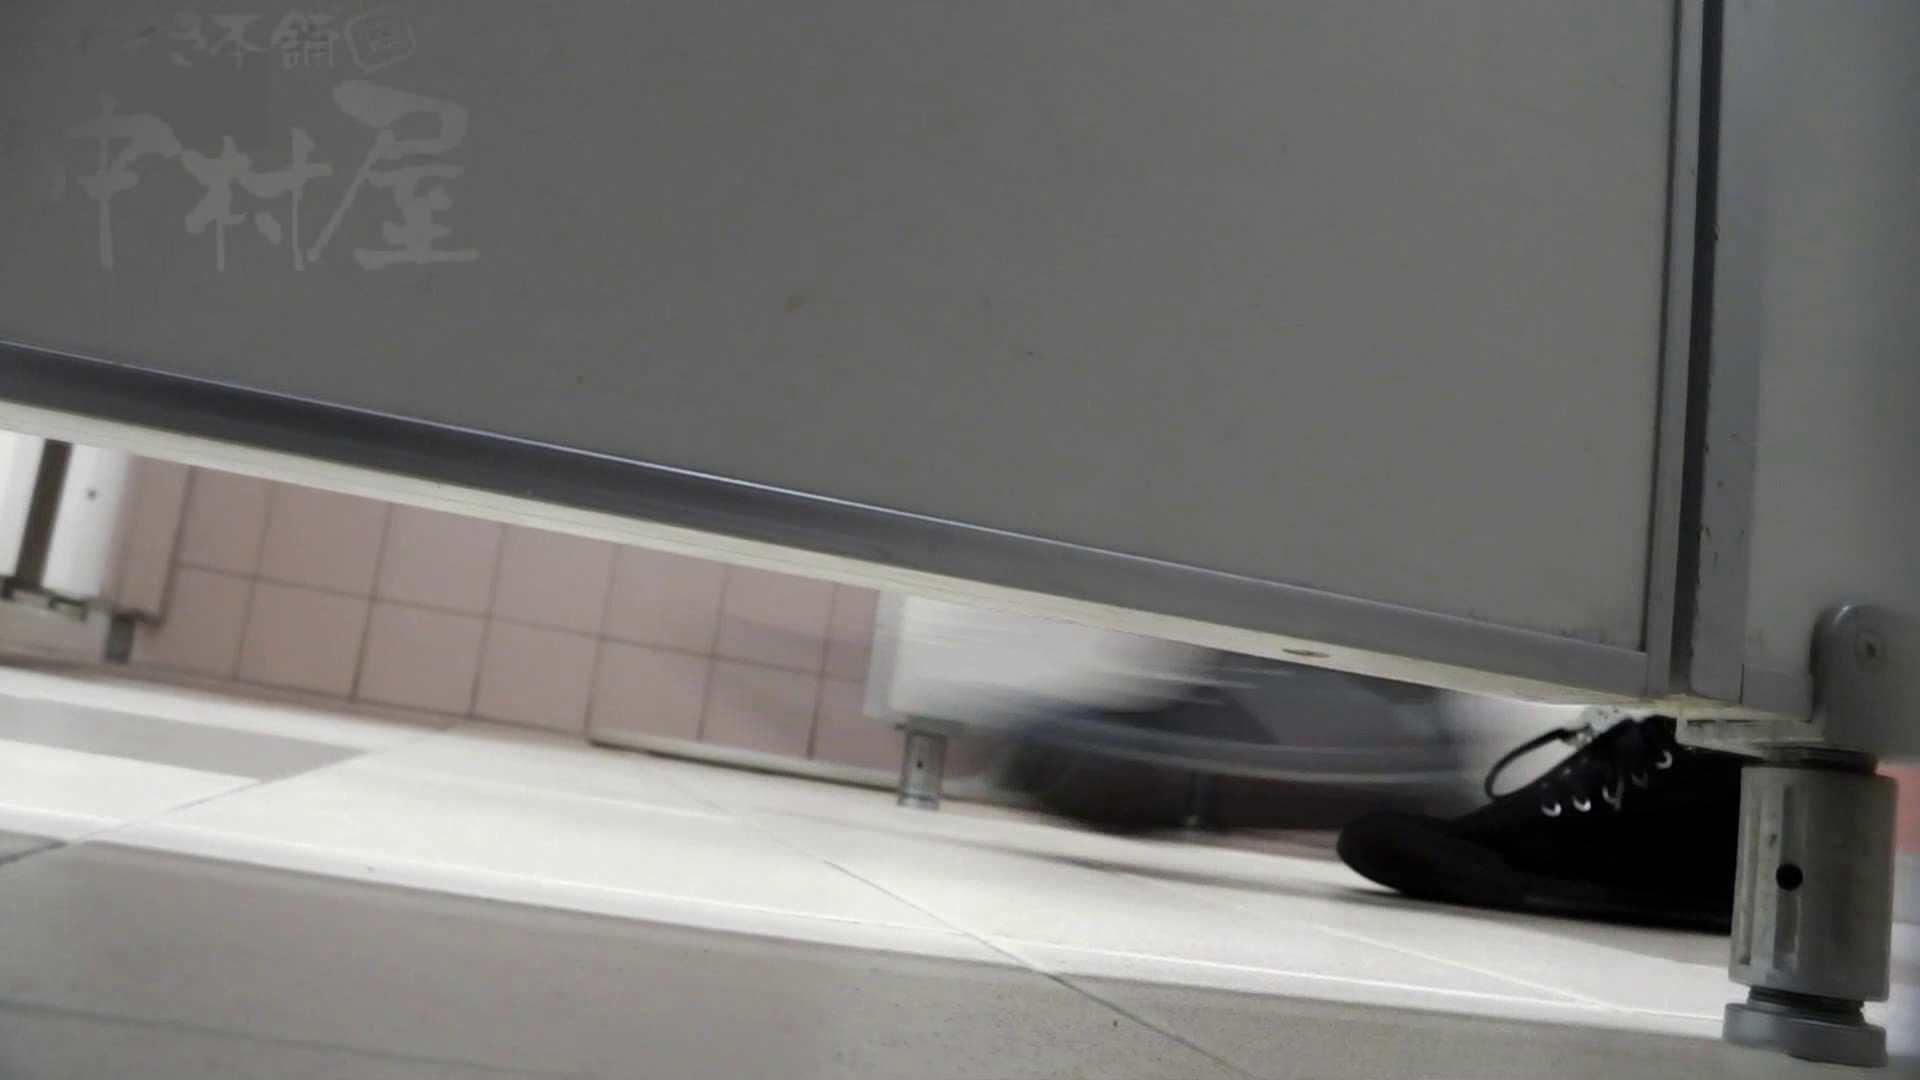 美しい日本の未来 No.06 更に侵入フロント究極な画質 イタズラ オメコ動画キャプチャ 76連発 37